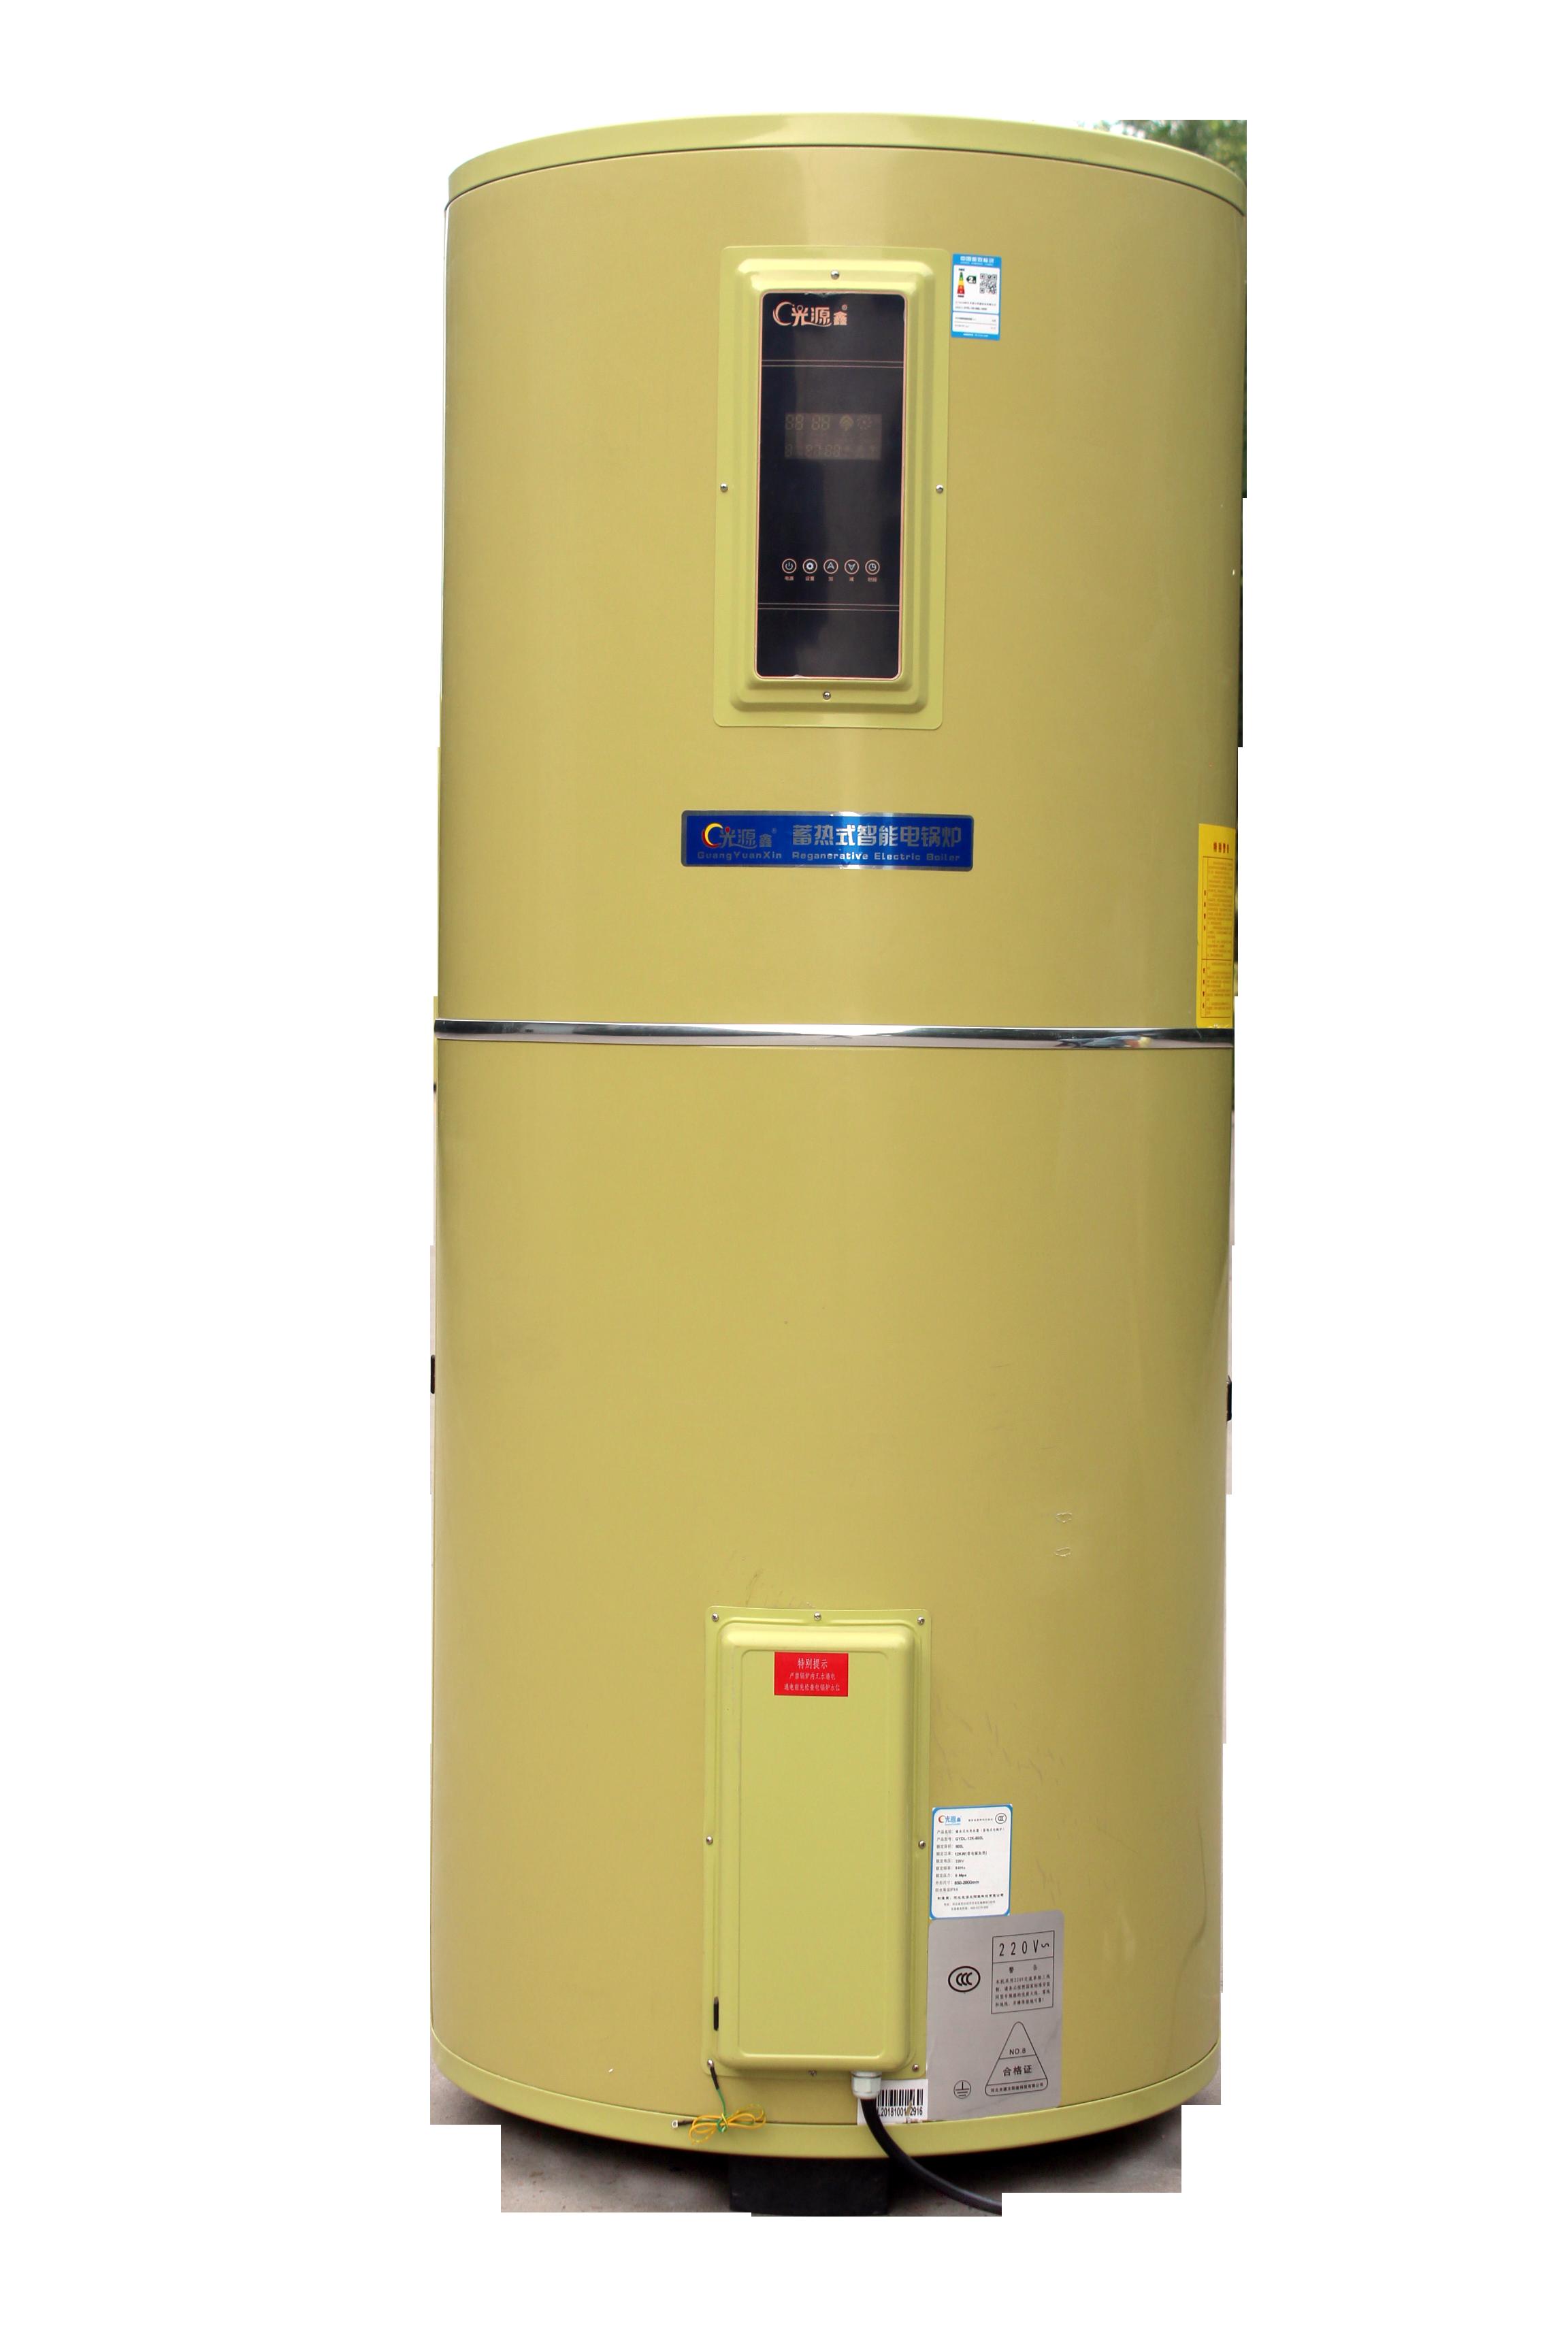 家用蓄热式智能电锅炉 立式蓄热式智能电锅炉 定制大功率蓄热式智能电锅炉